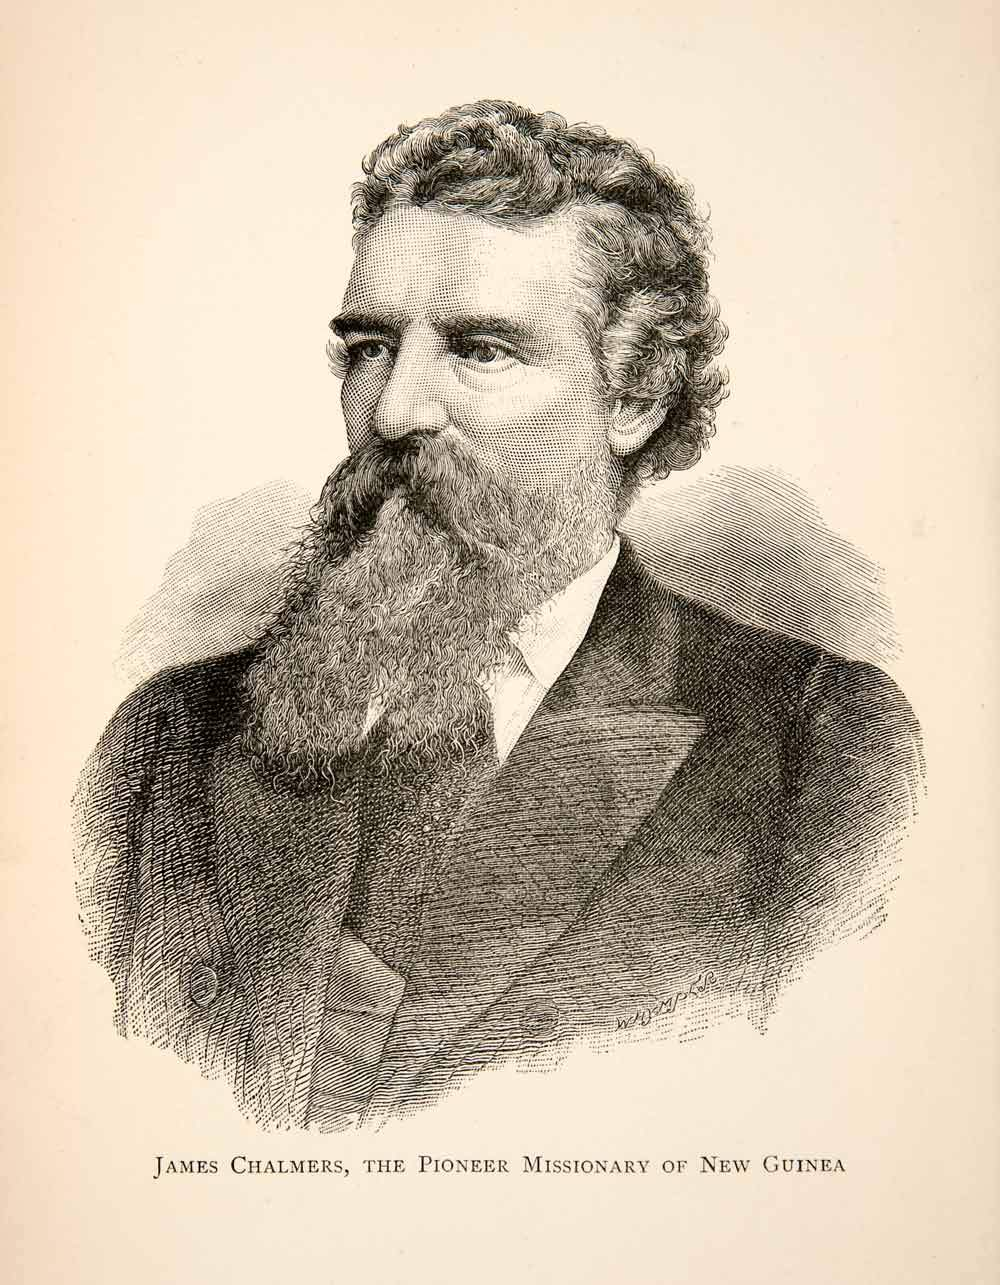 Un portrait du pasteur Chalmers peu avant son tragique décès à Goaribari, où il fut tué et dévoré avec tous ses compagnons.